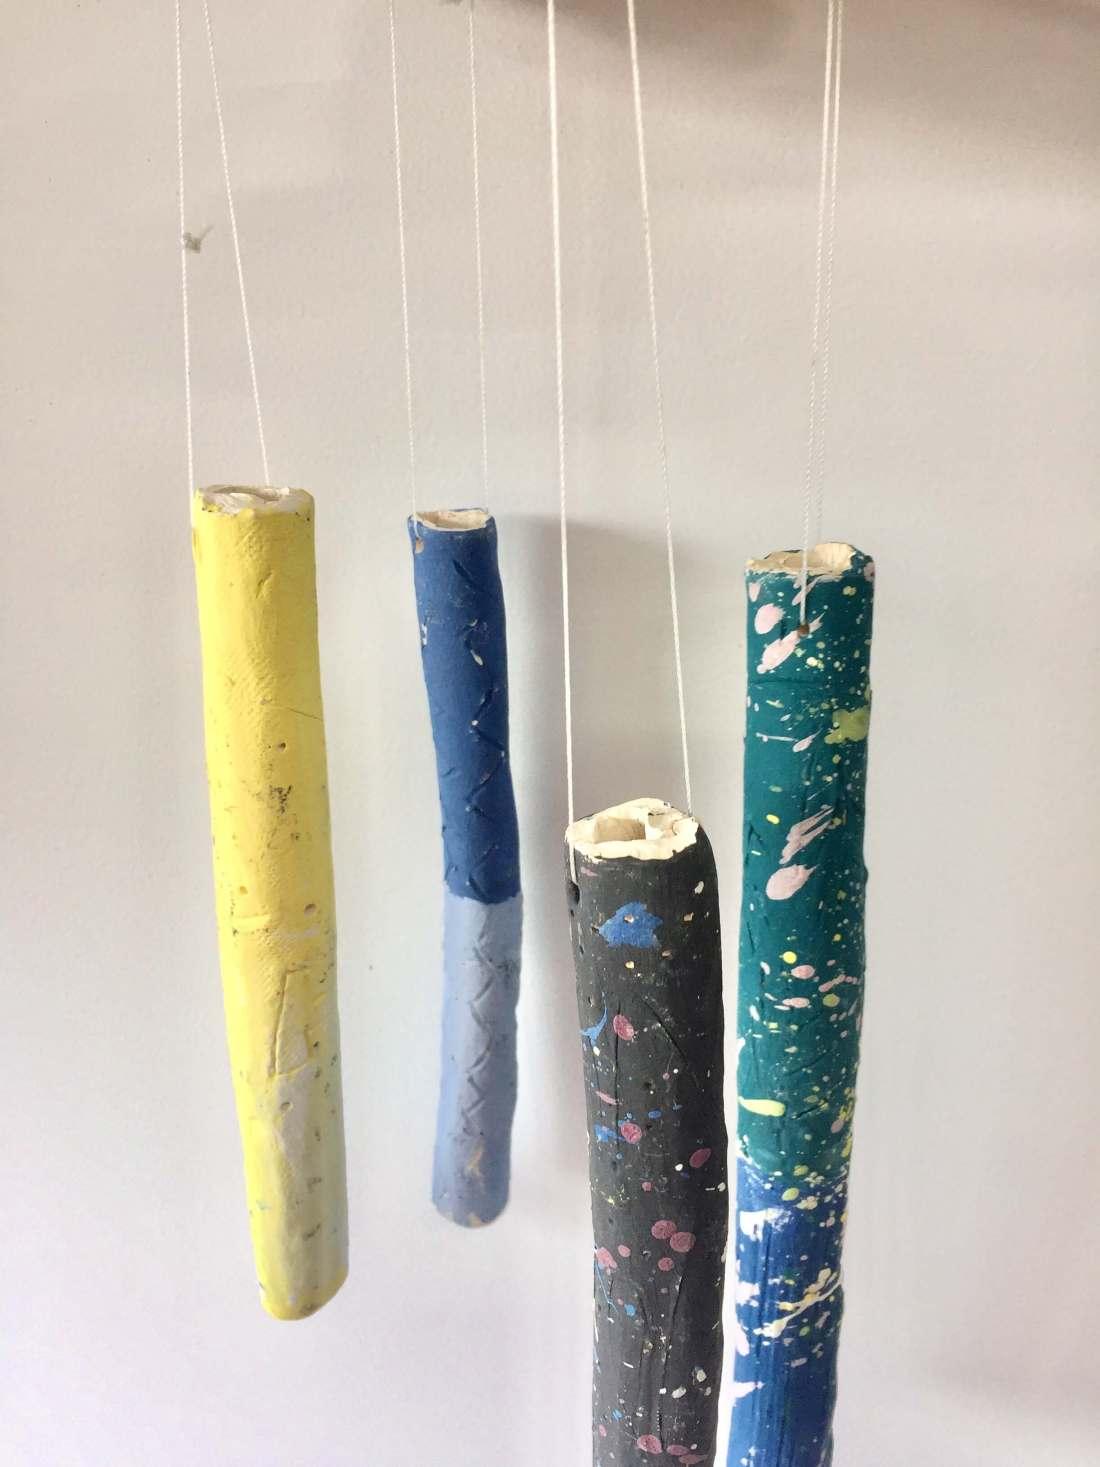 Ceramic wind chimes